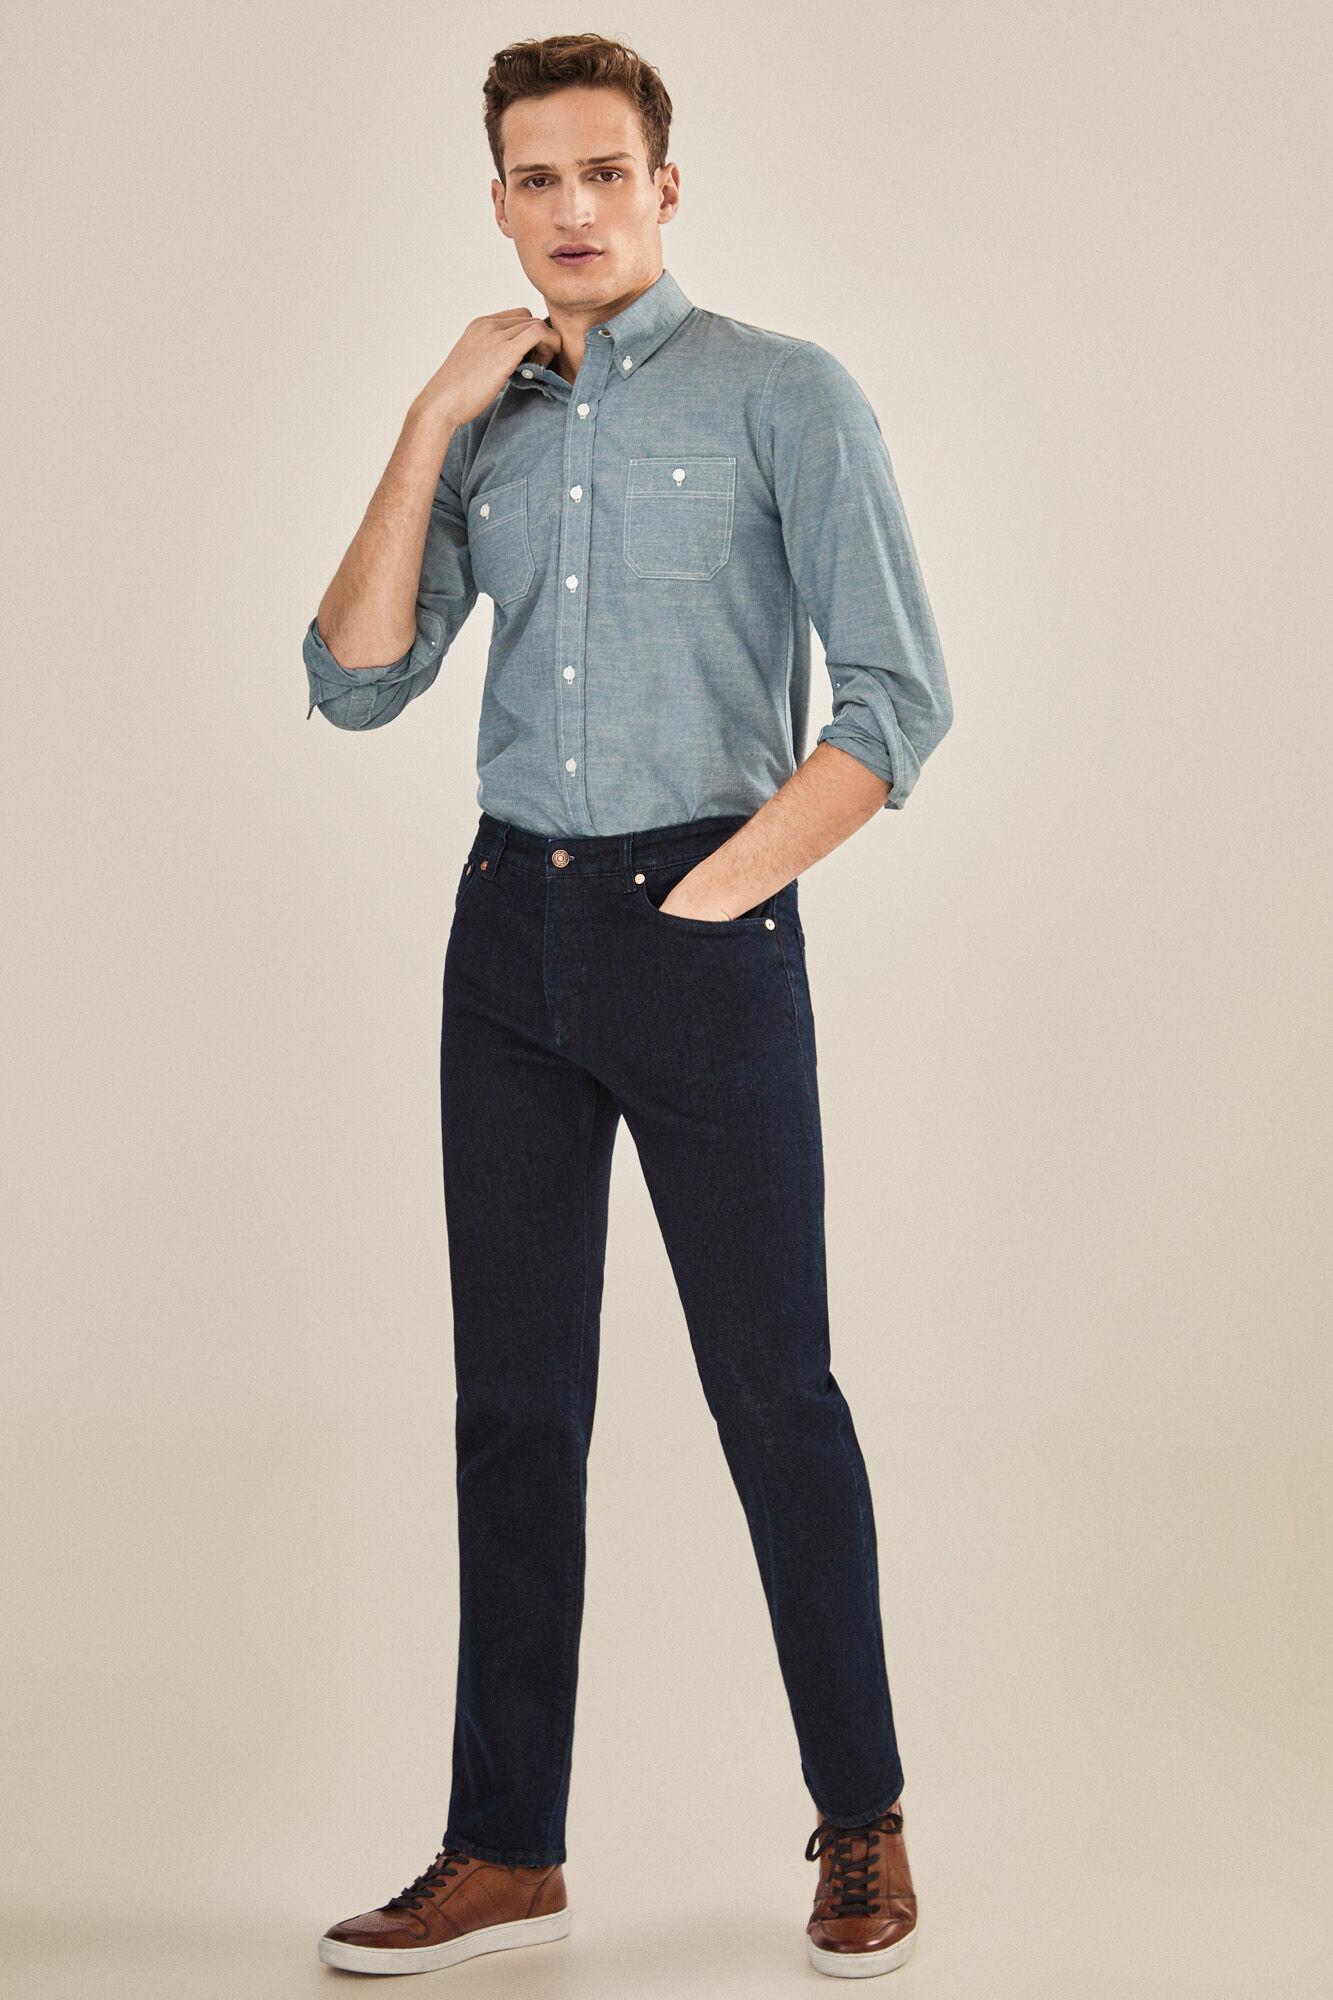 Hombre Nuevo Cortefiel Pantalones Cortefiel Hombre Hombre Nuevo Hombre Pantalones Pantalones Cortefiel Cortefiel Nuevo Pantalones Hombre Nuevo 5AwqIw